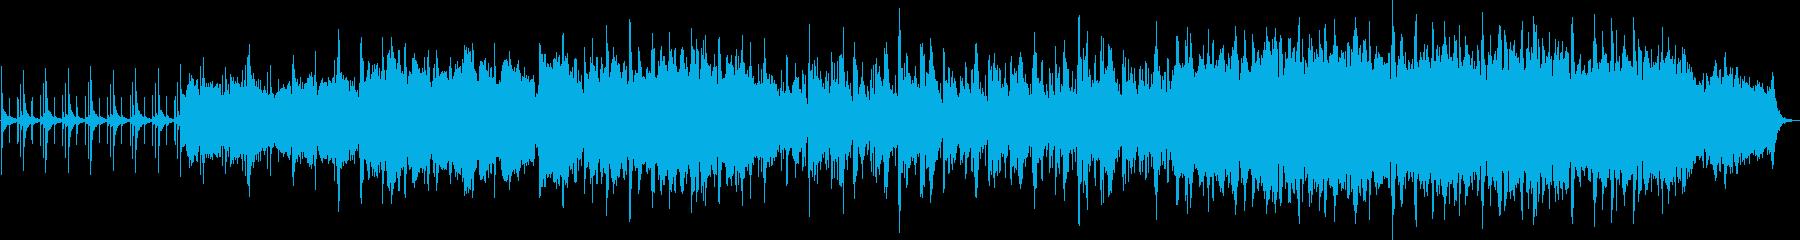 短音のステップが足音を連想させる曲です。の再生済みの波形